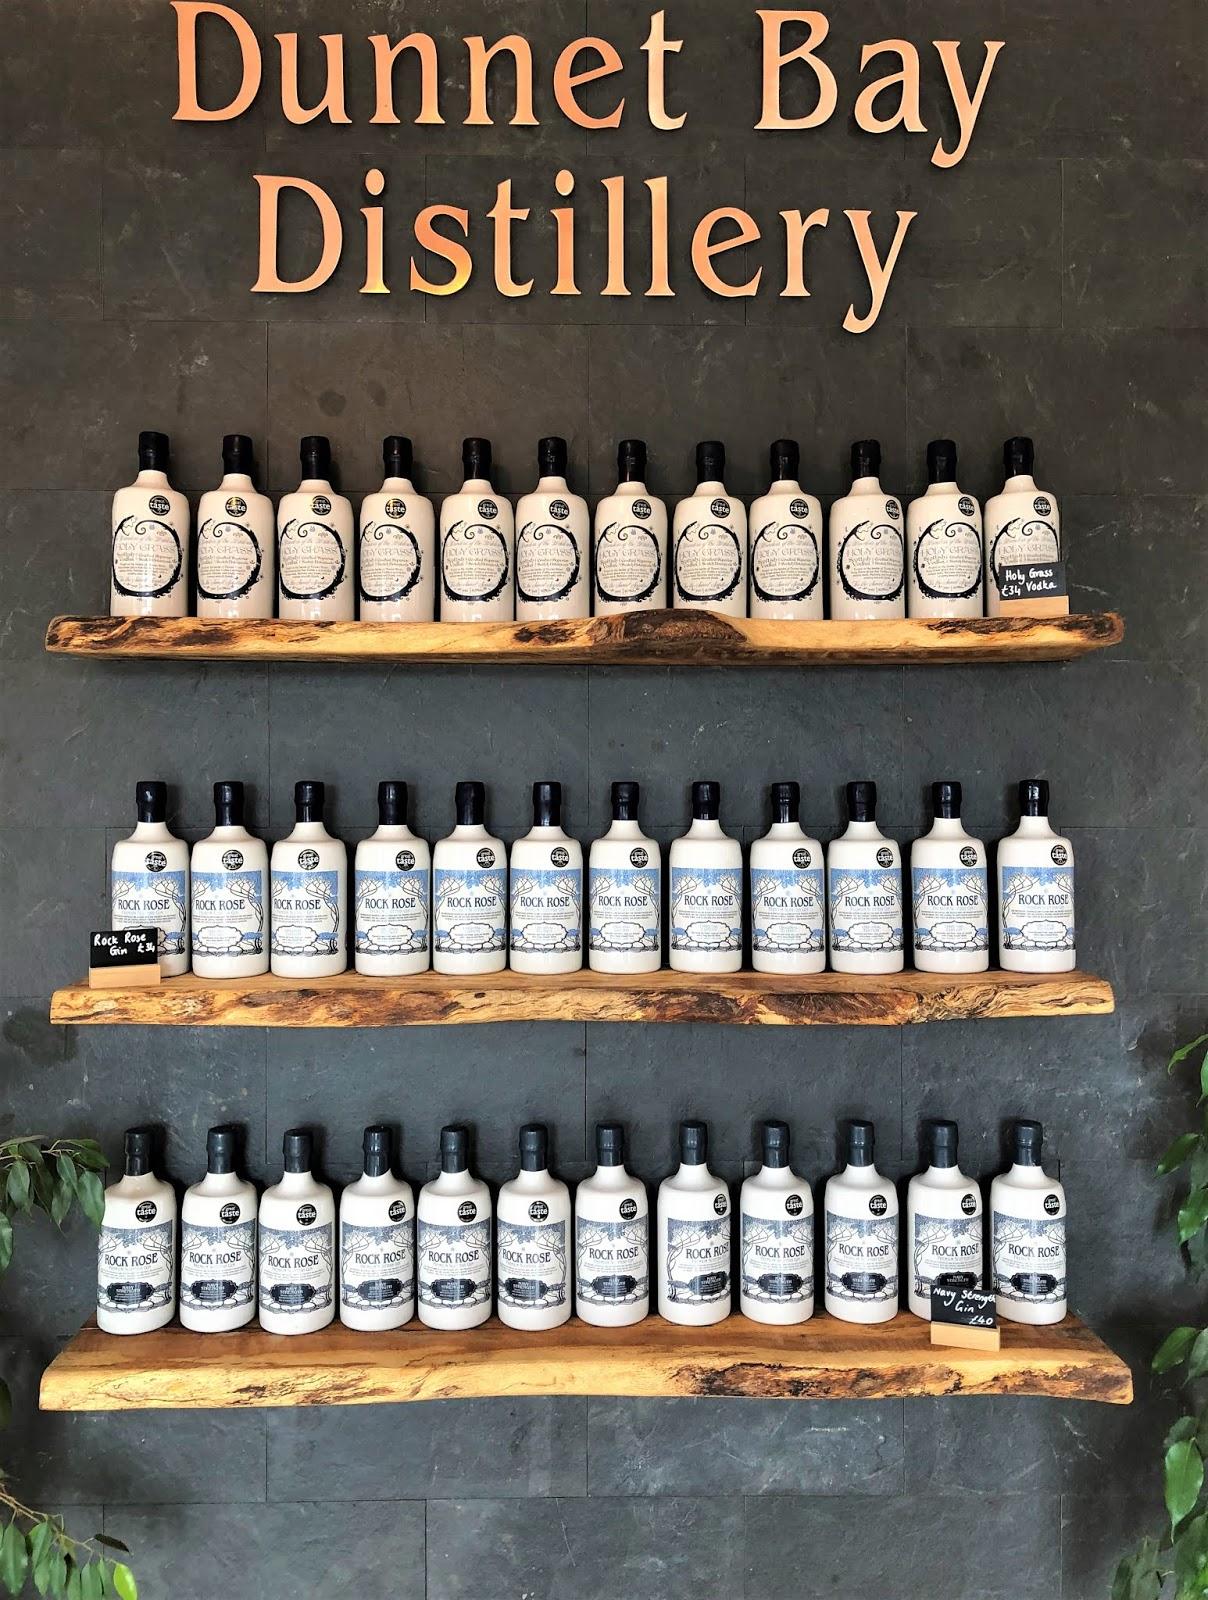 Dunnet Bay Gin Distillery Tour